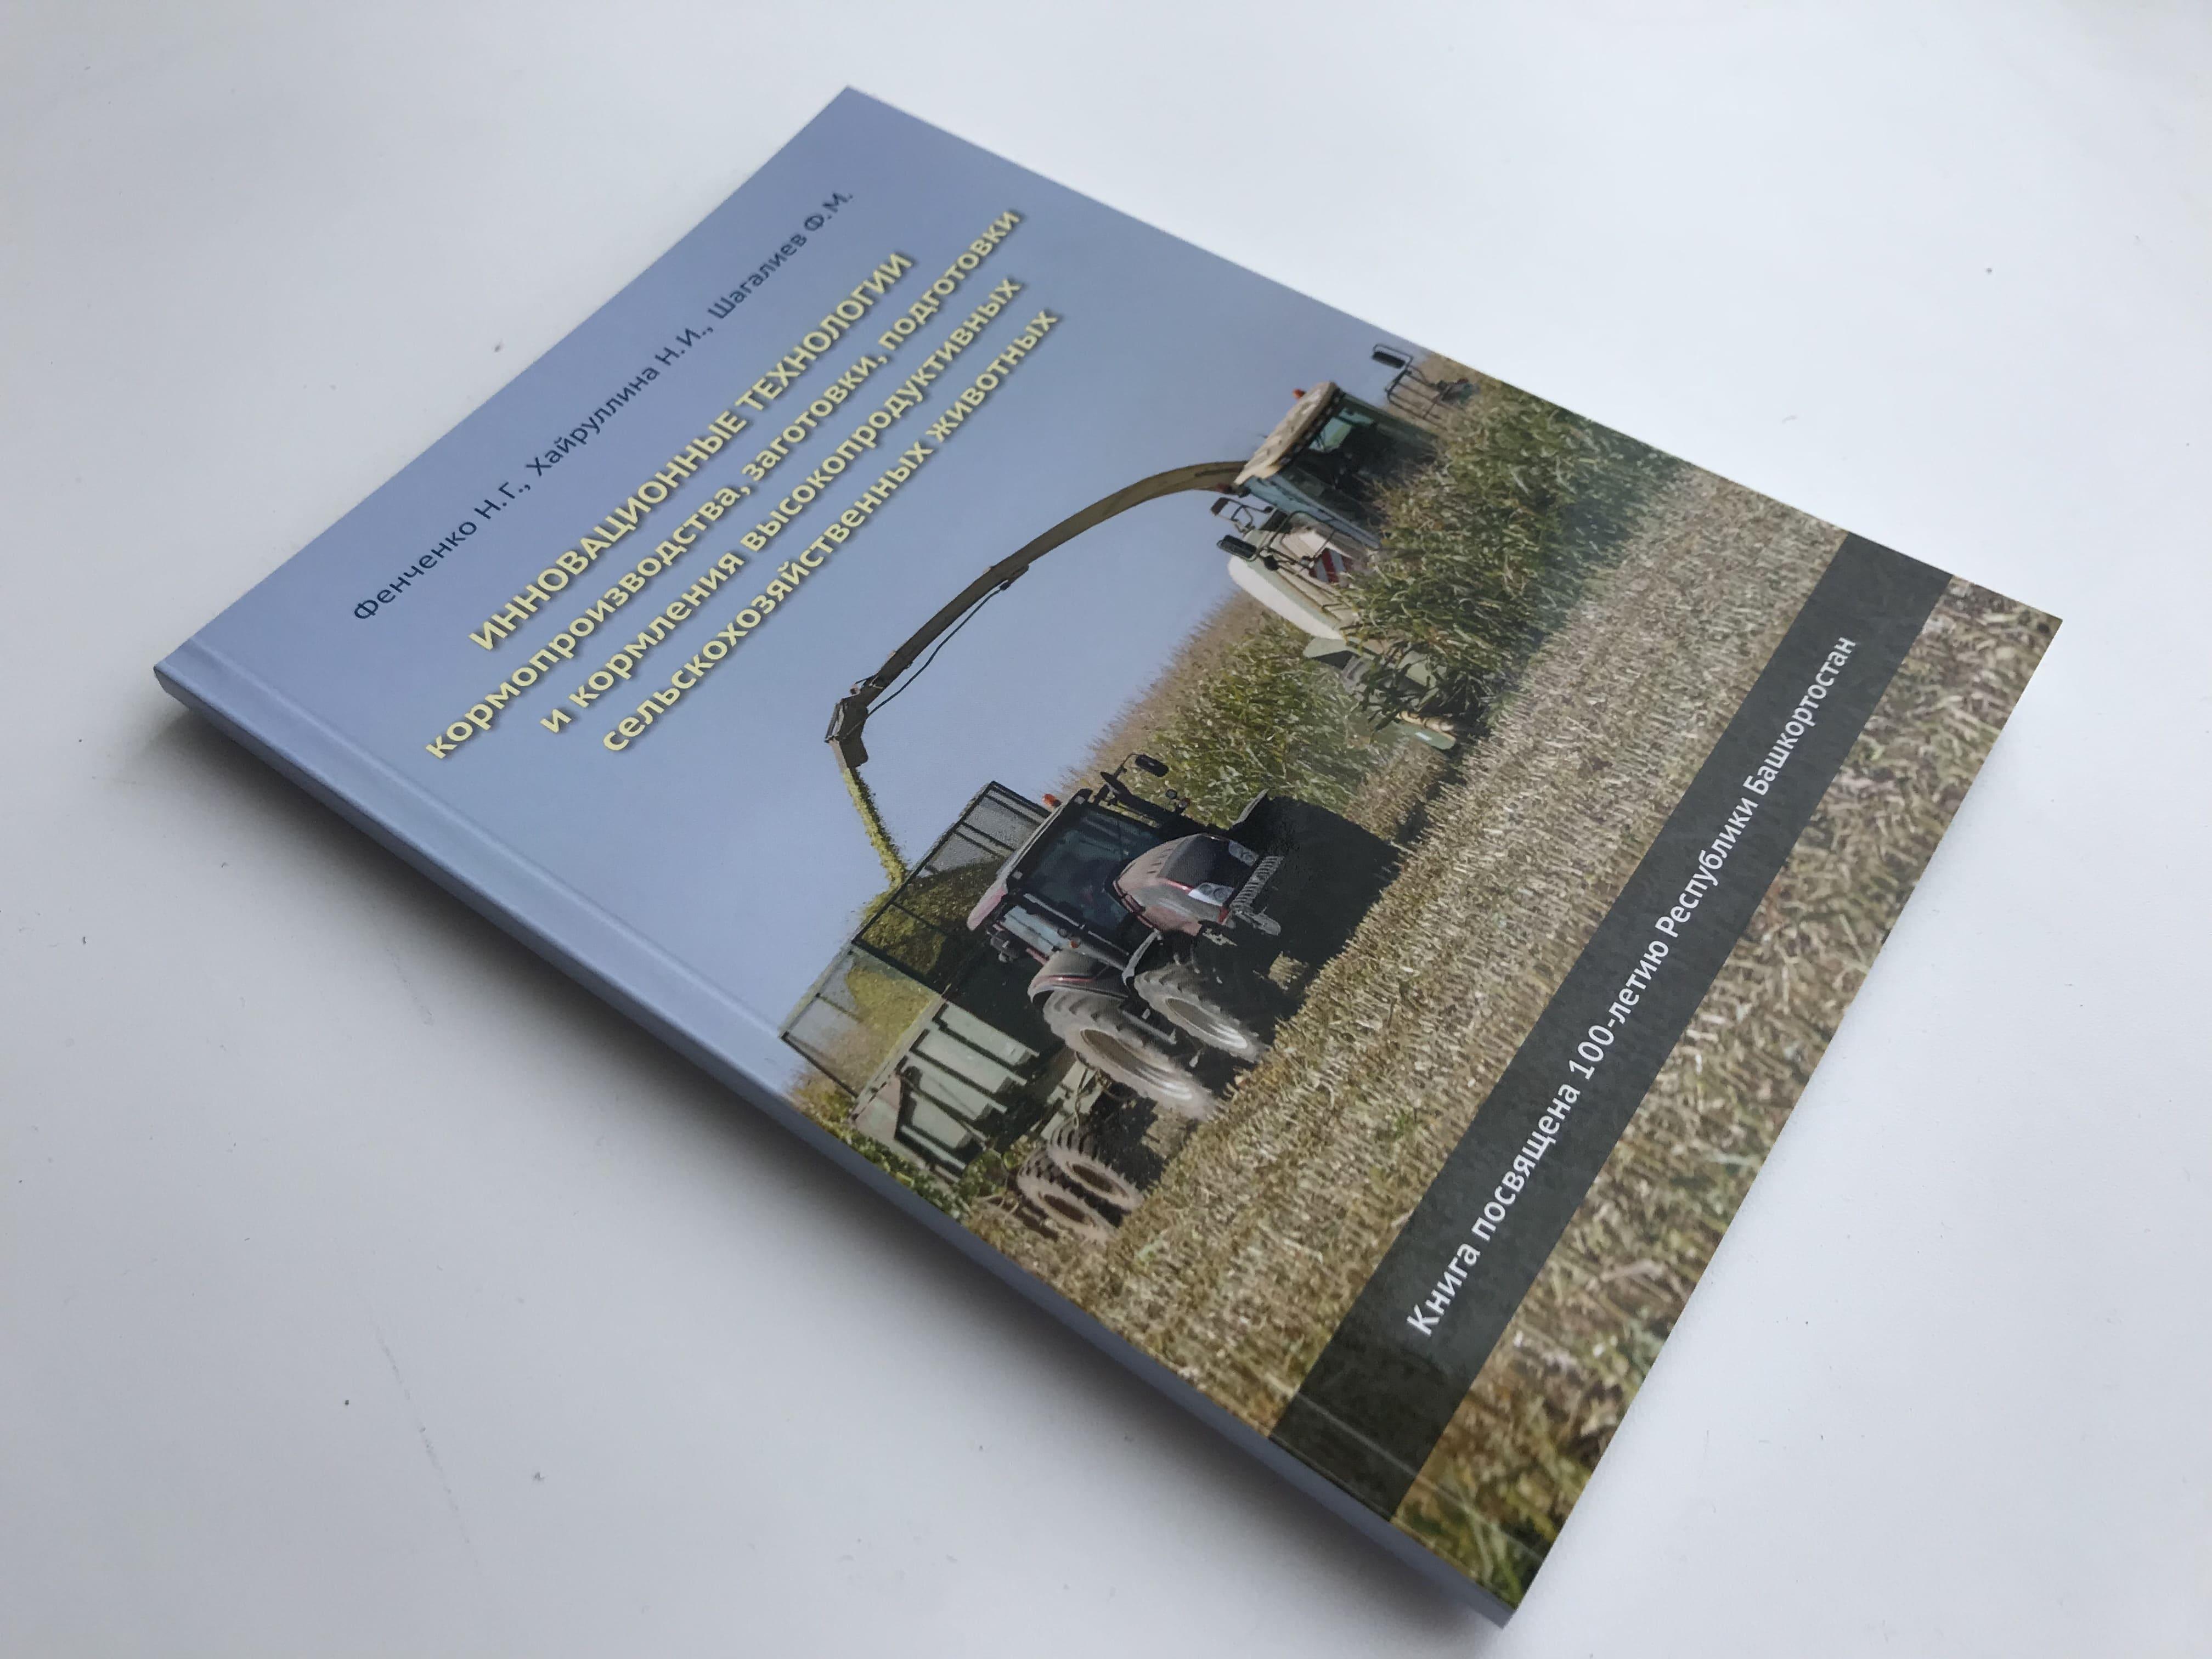 В Башкирском НИИСХ вышла новая книга по кормлению сельскохозяйственных животных